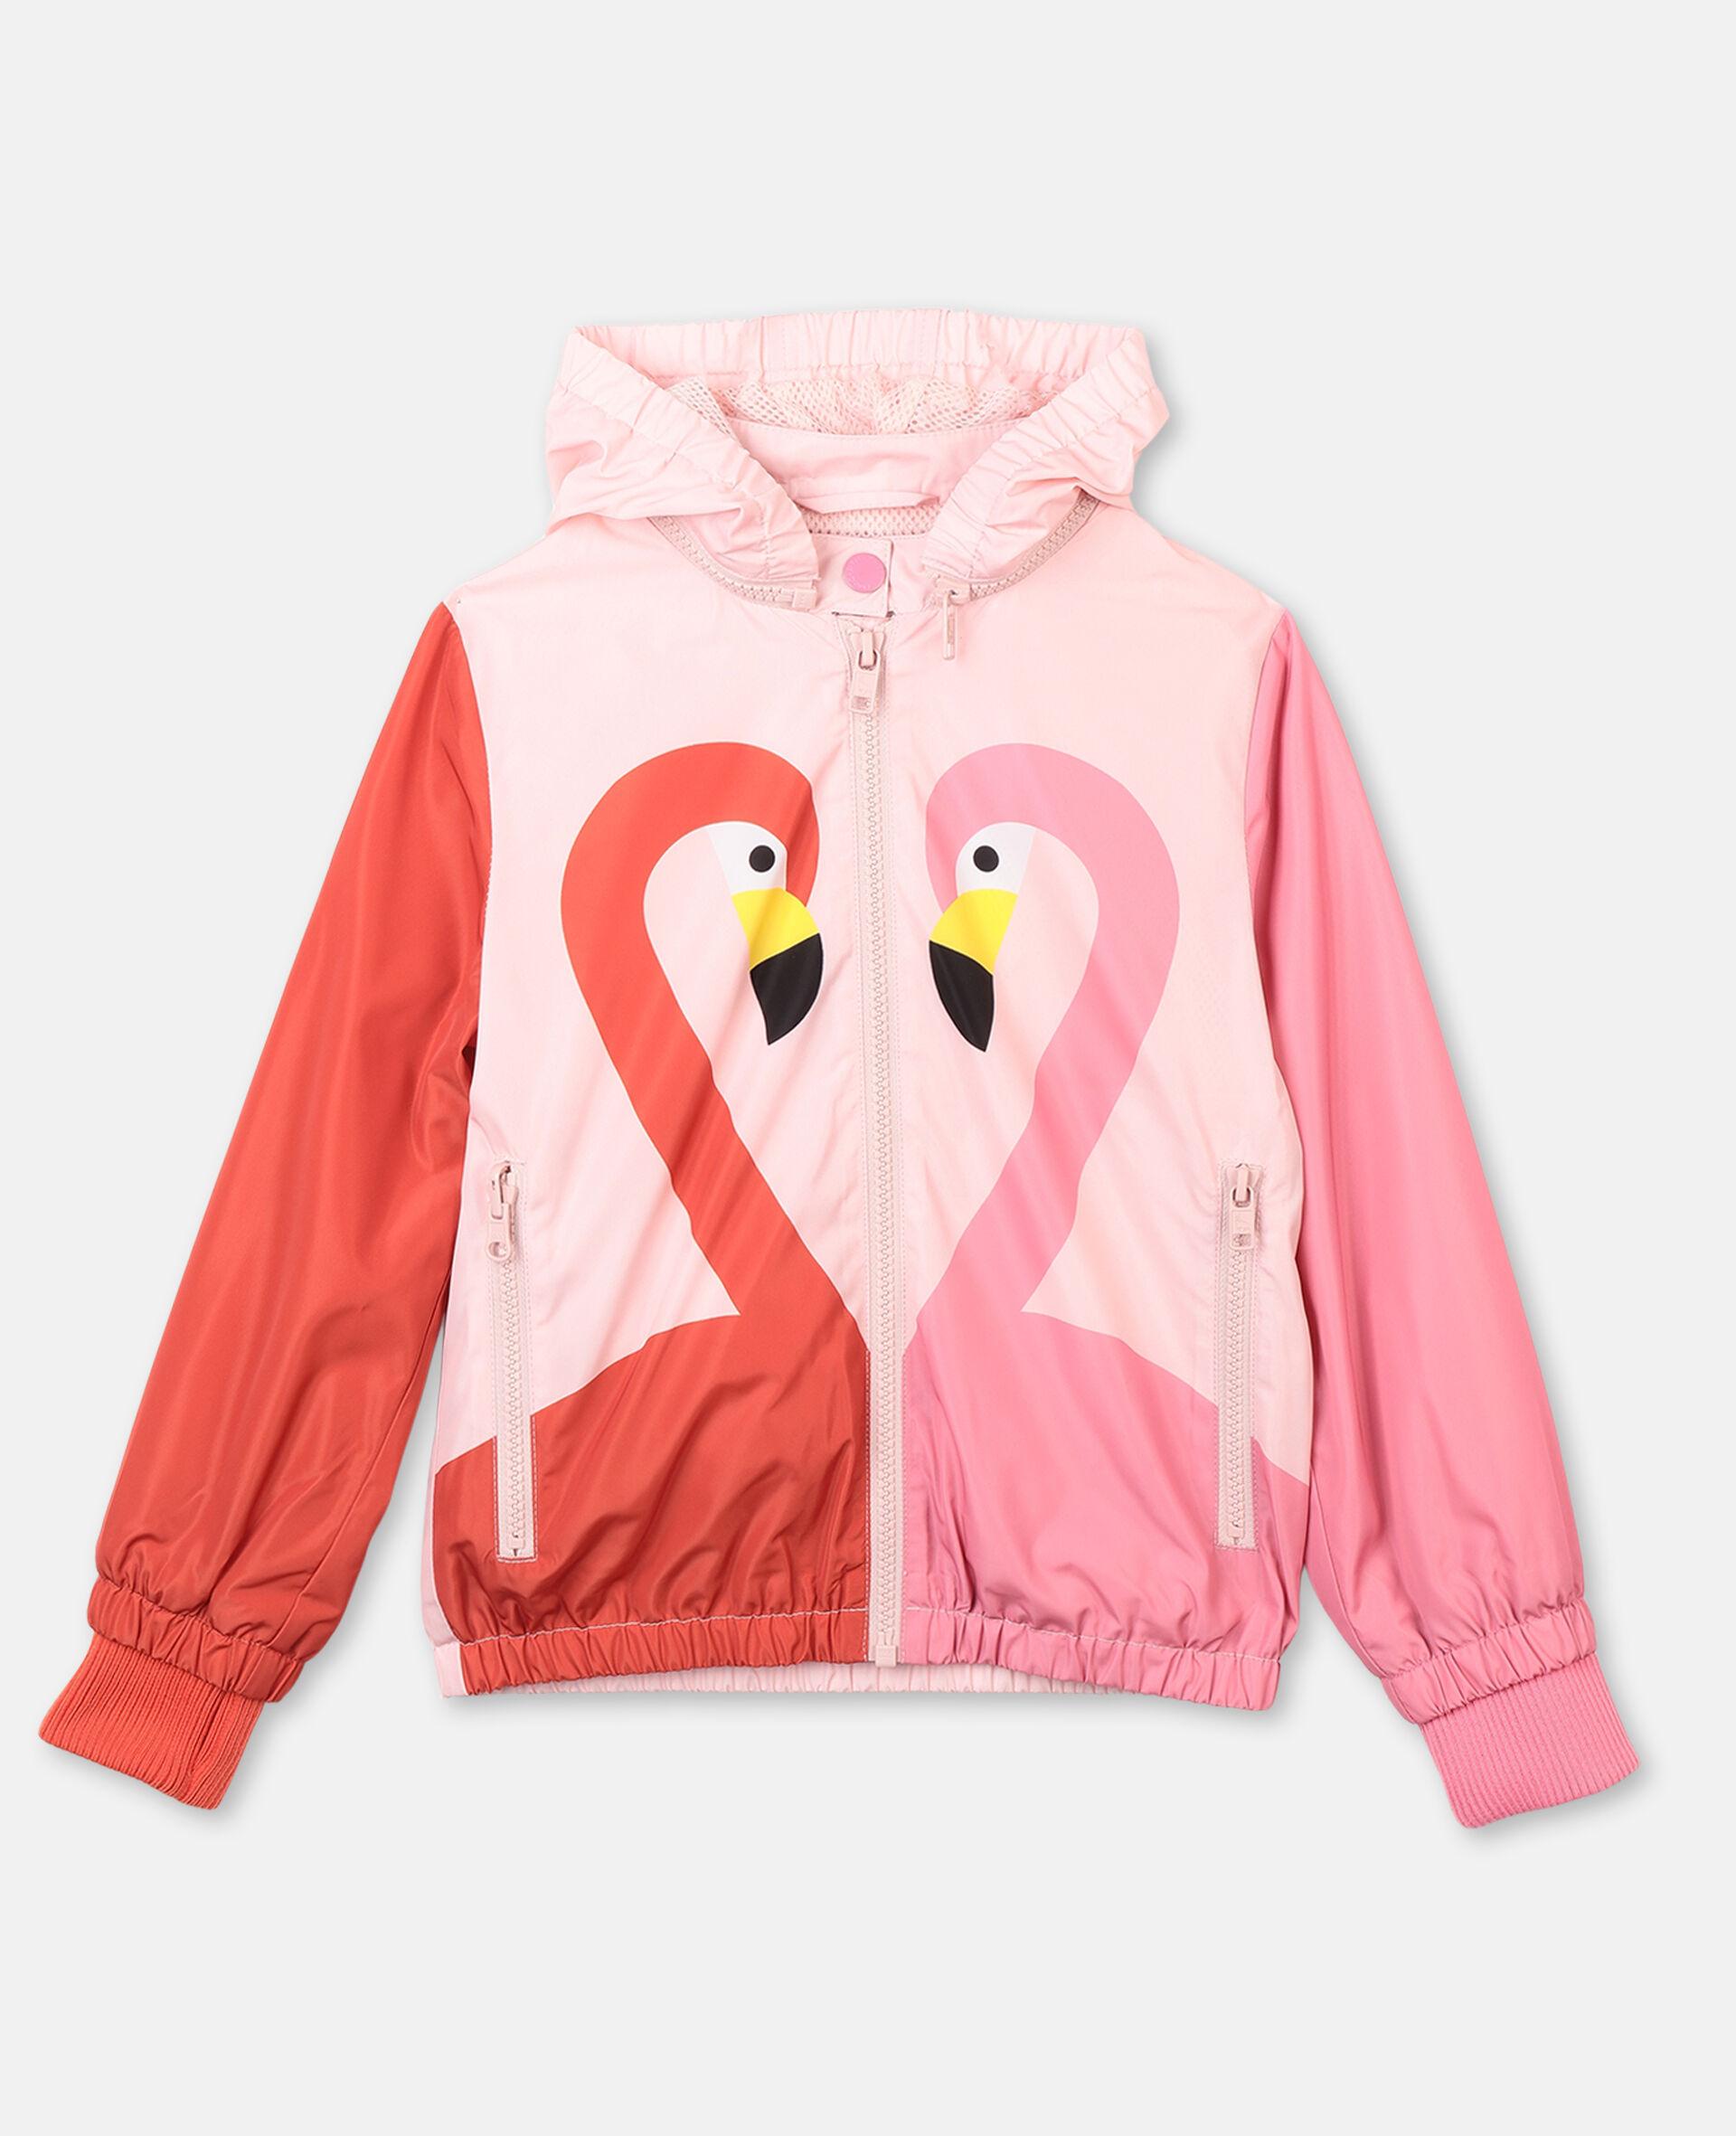 Flamingo连帽夹克 -粉色-large image number 0